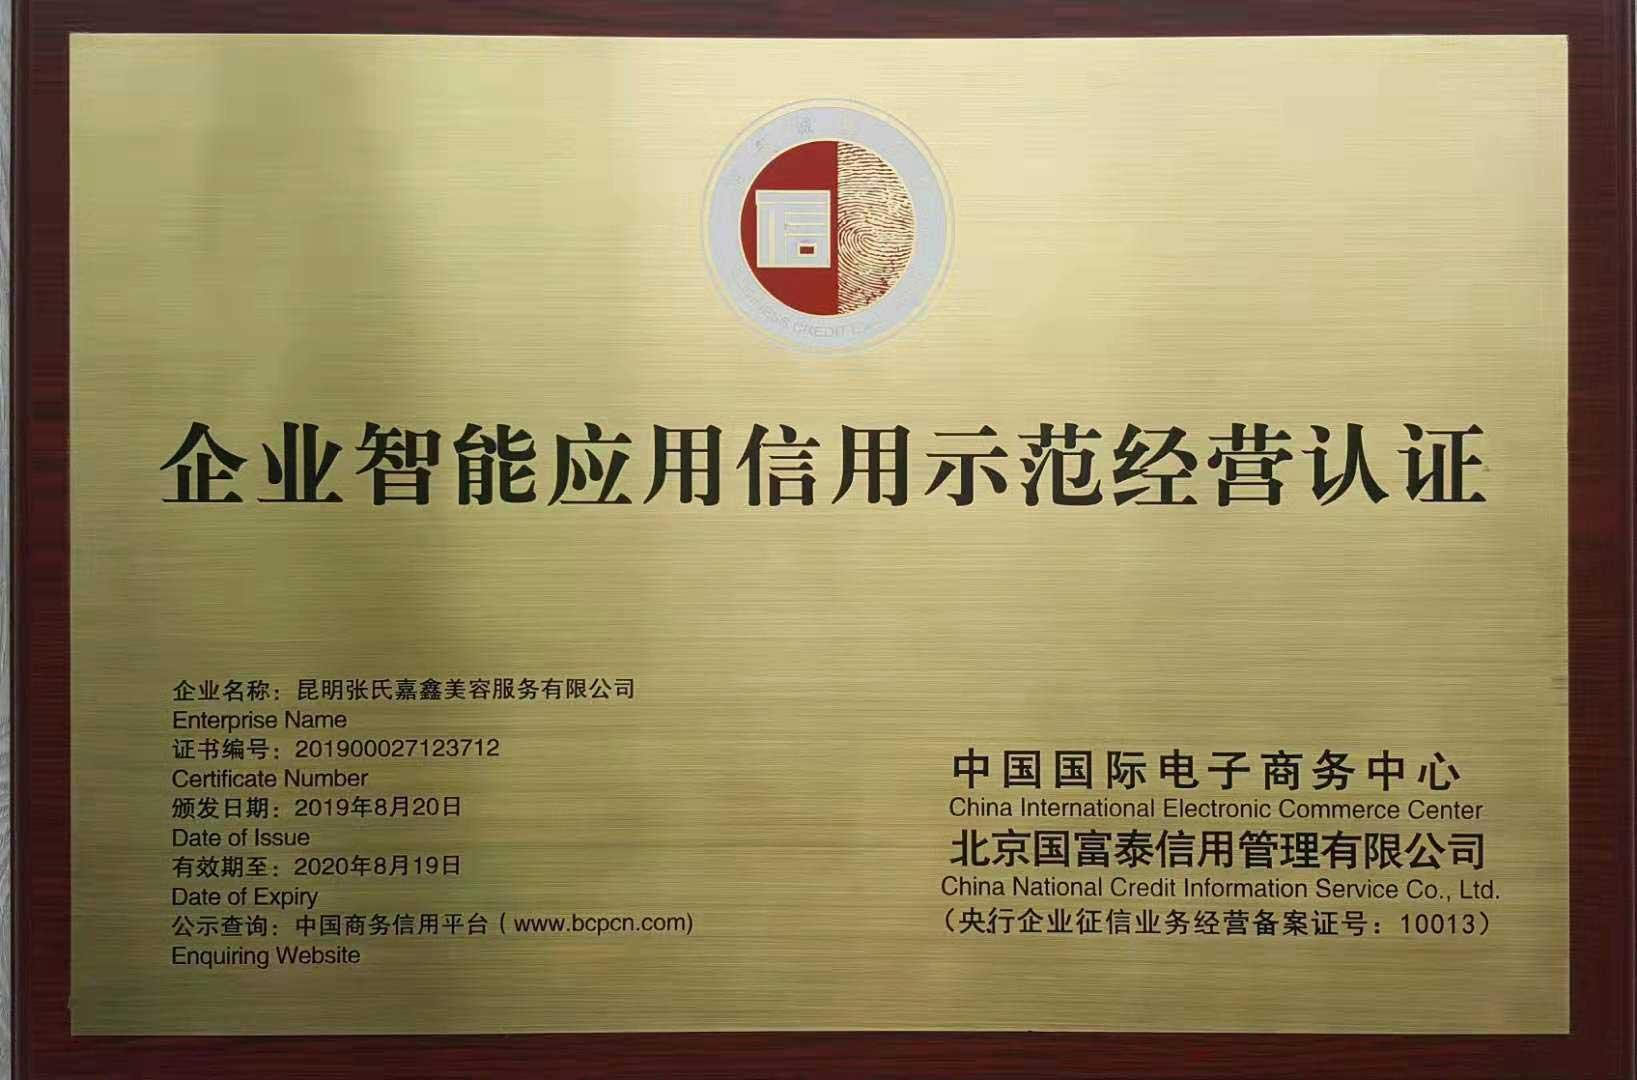 丽江原装润肽保湿展颜乳厂家供应 服务至上 昆明张氏嘉鑫美容服务供应